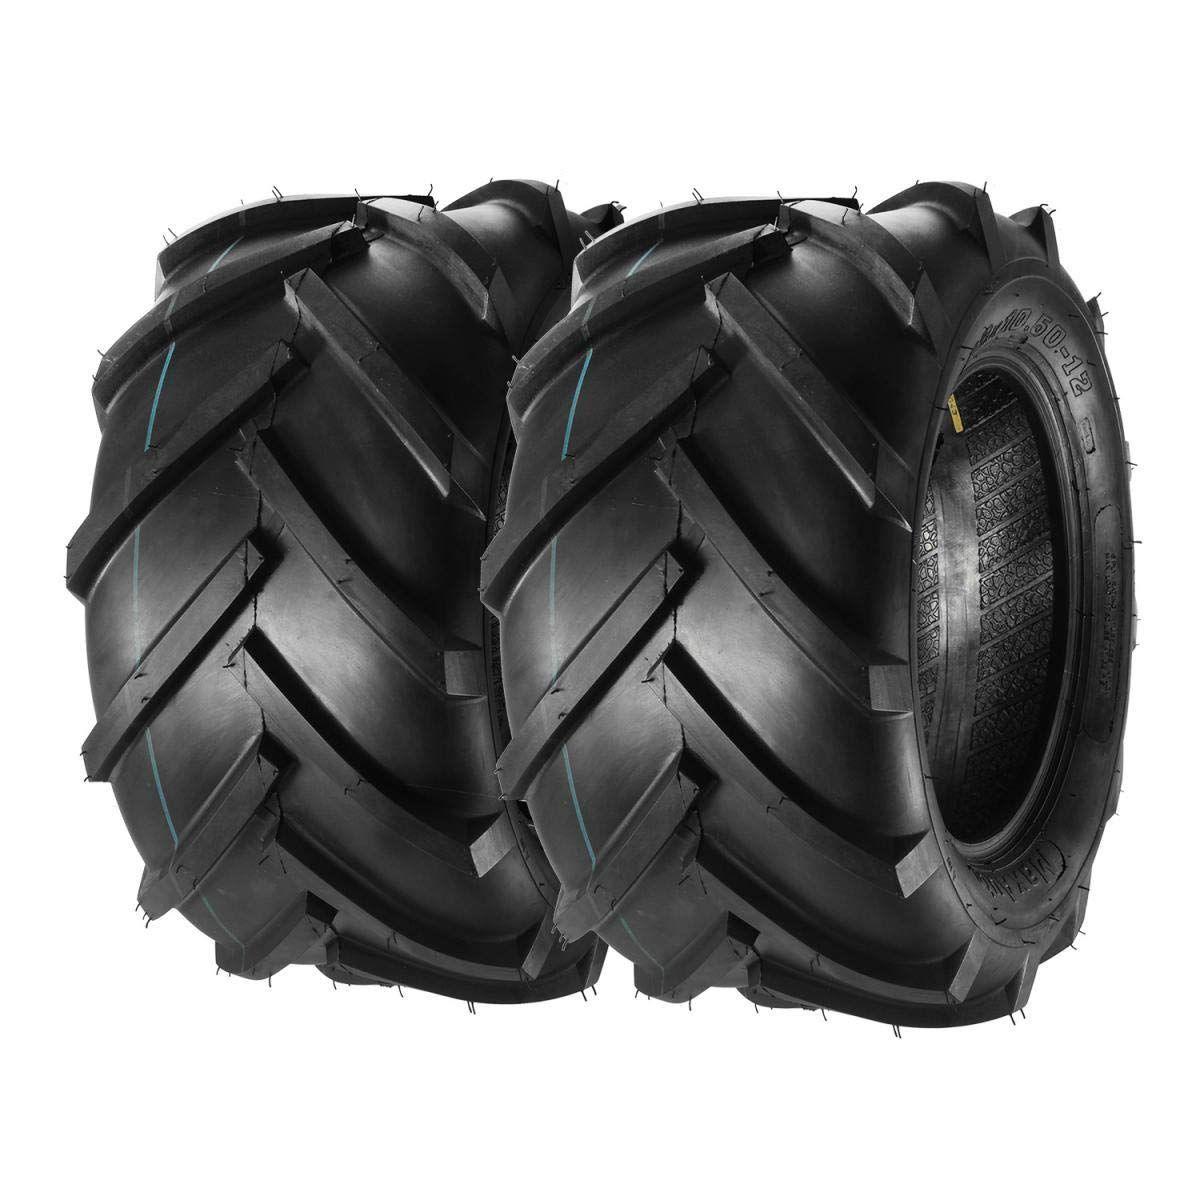 MaxAuto 23x10.512 23x10.5x12 Lawn Garden Tractor Tires